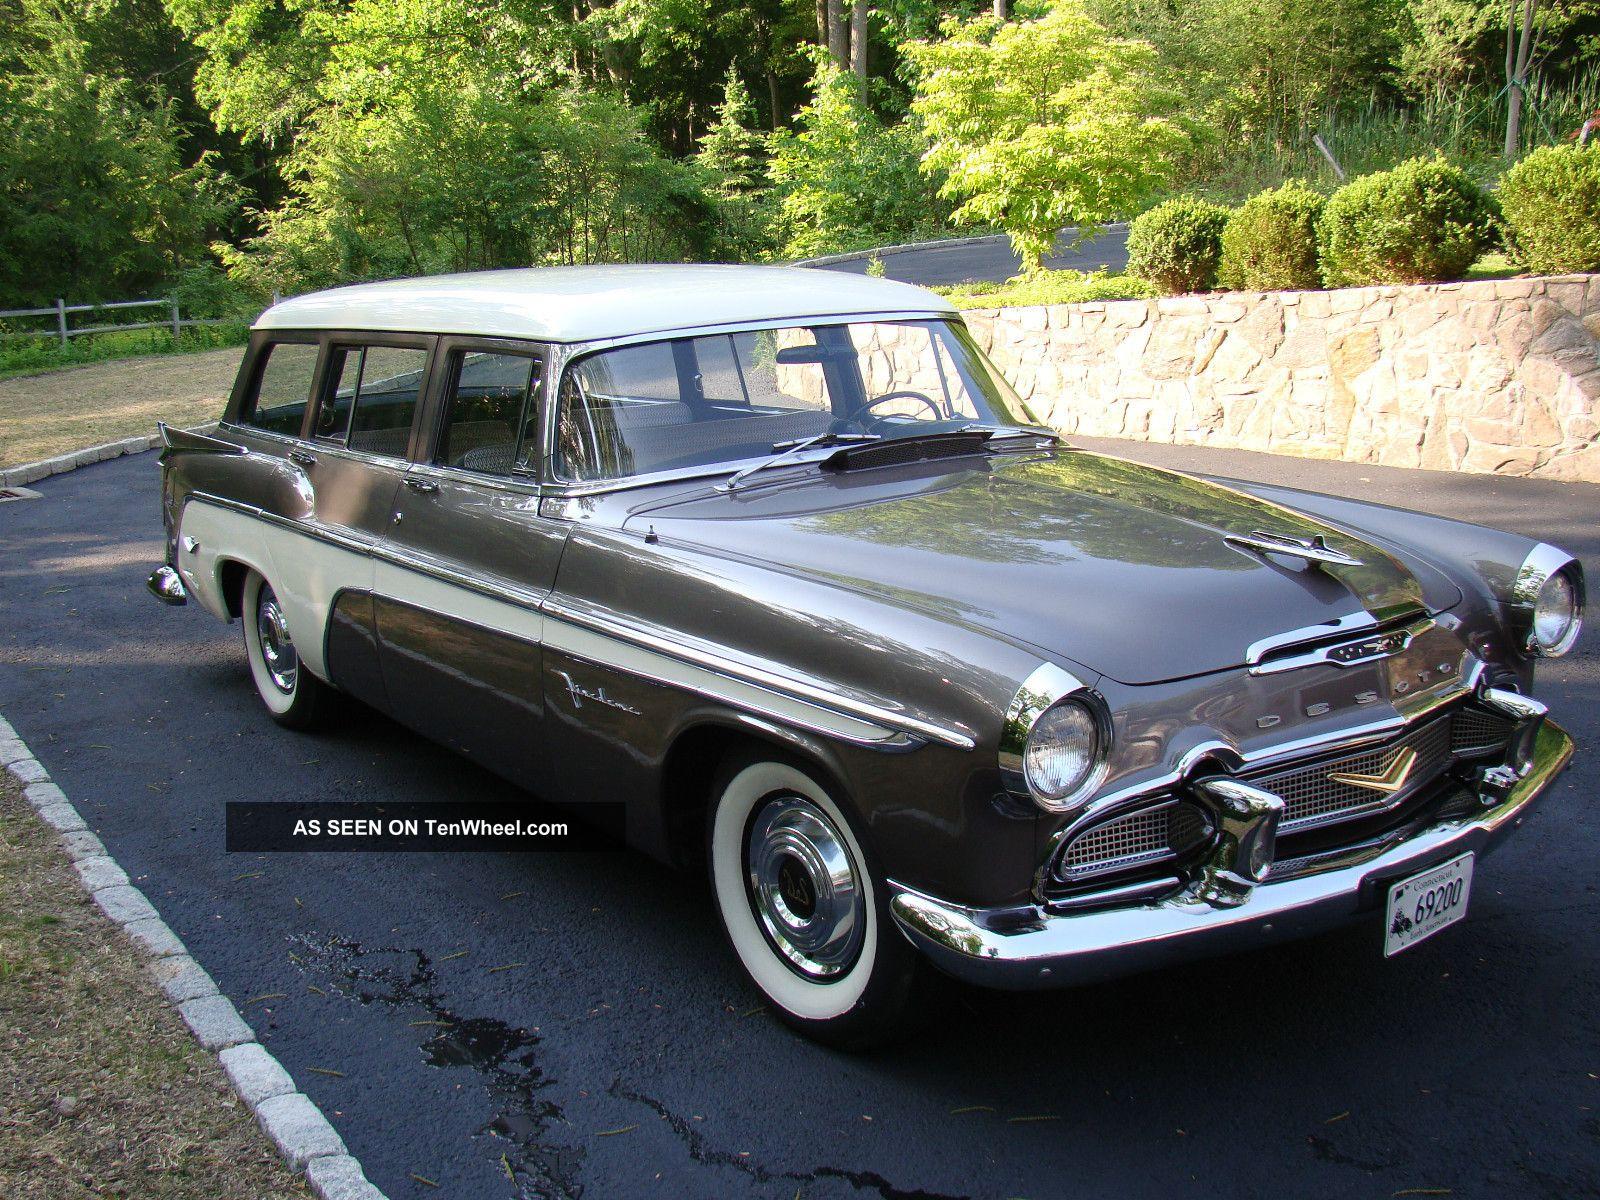 1956 Desoto Wiring Diagram Simple Detailed 1955 Chrysler 1963